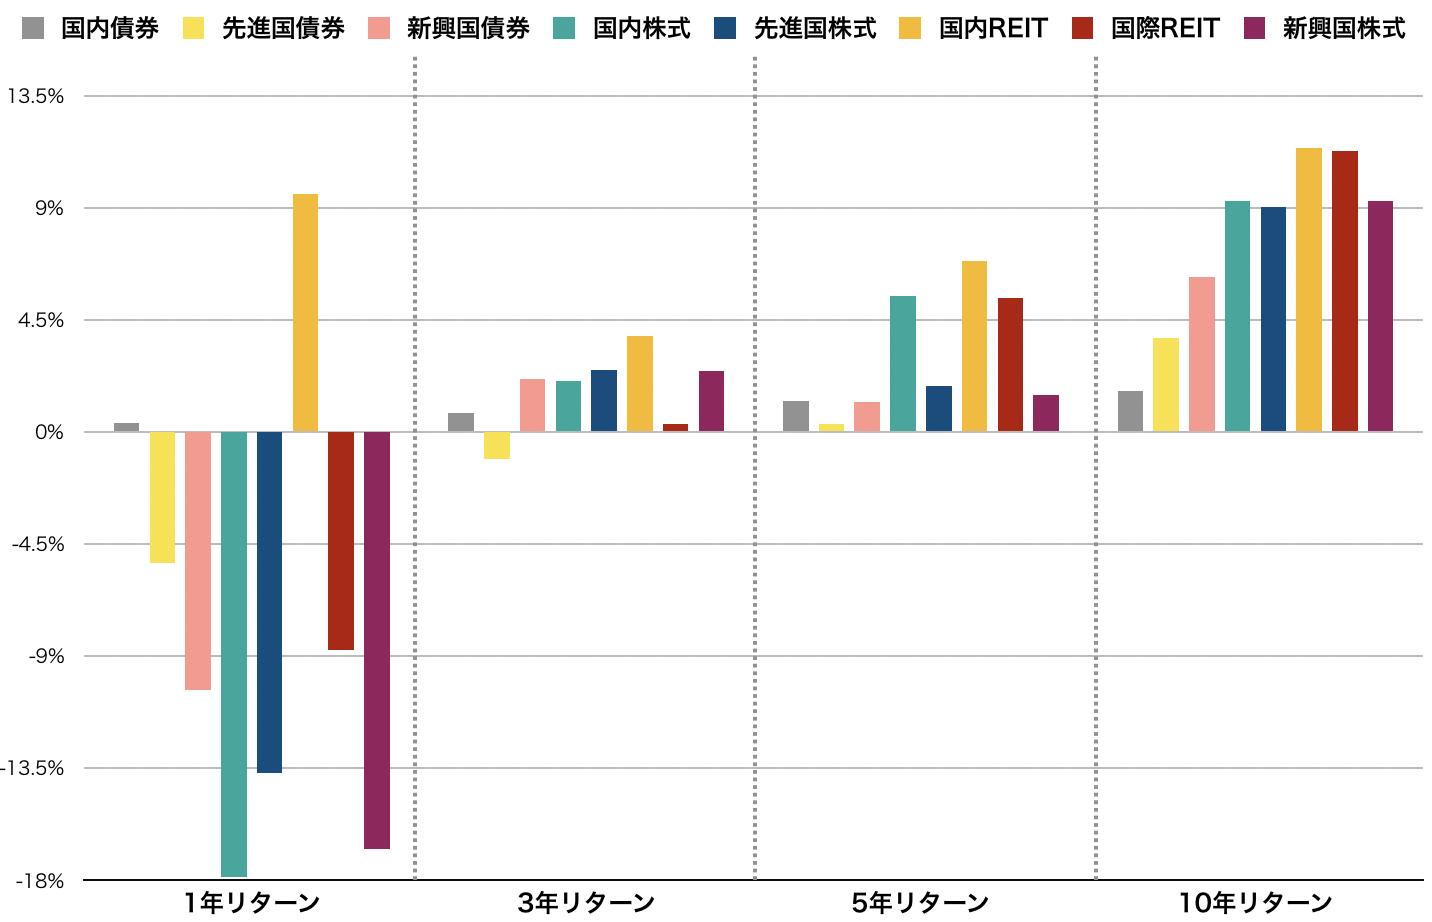 各資産の過去10年間のリターンデータ